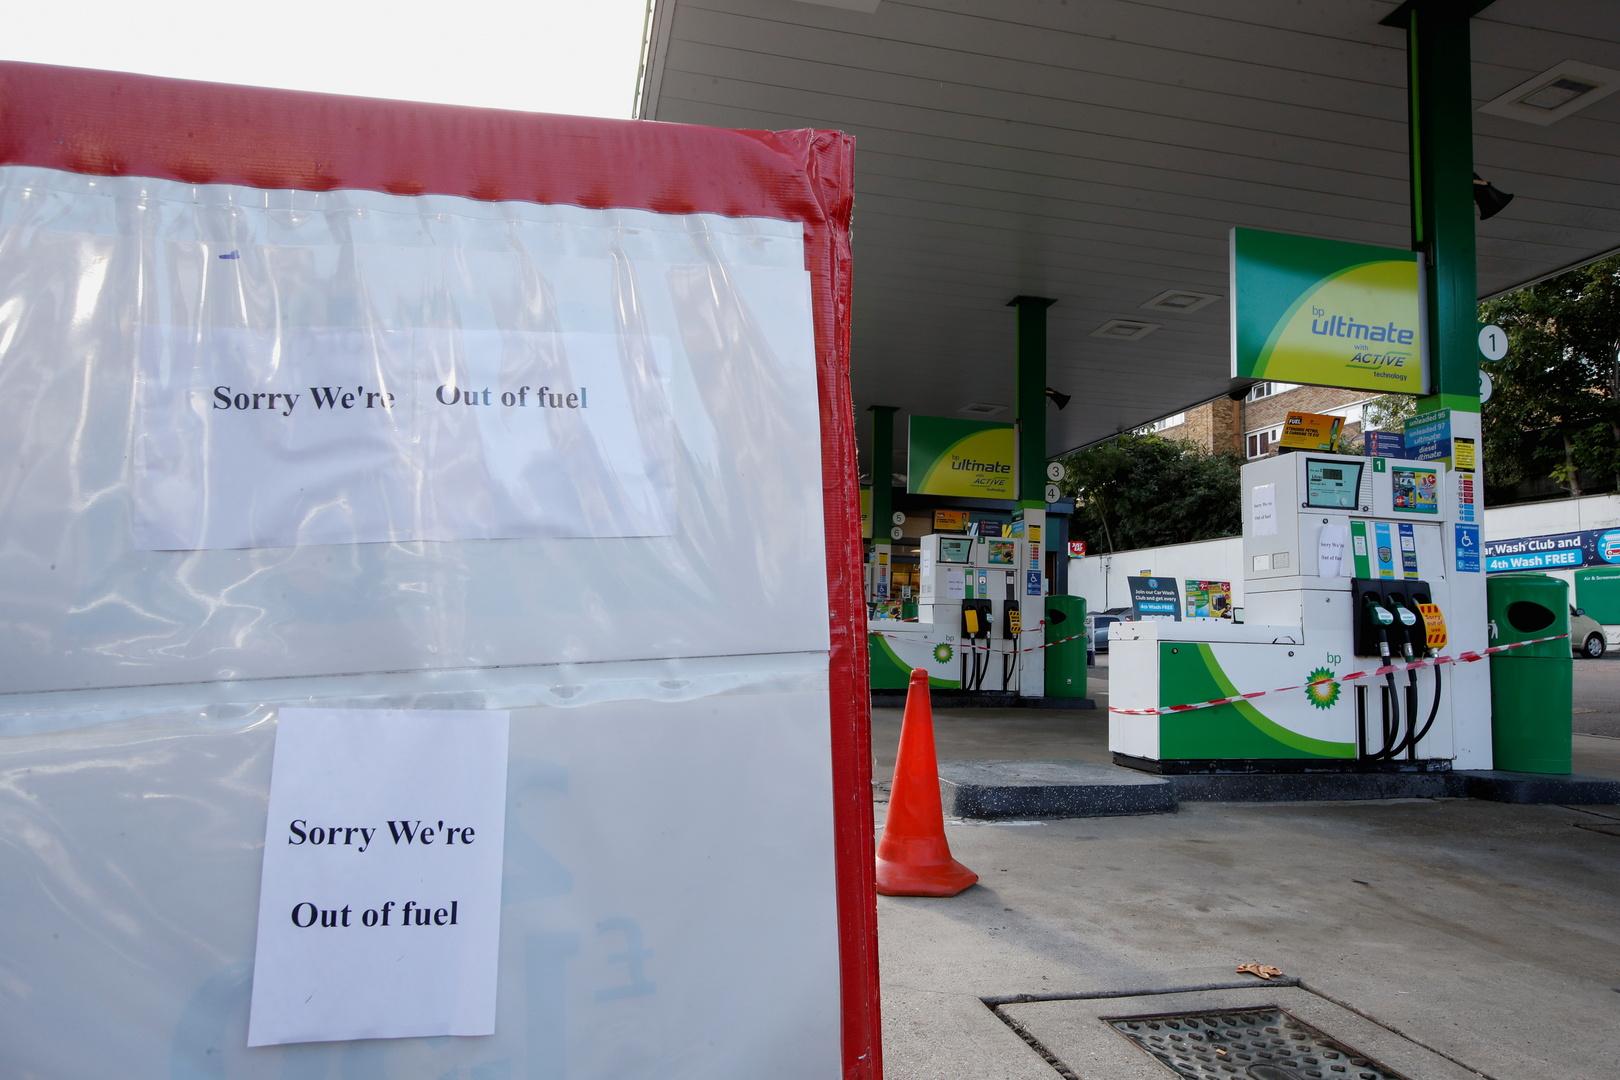 جمعية تجار البنزين في بريطانيا تعلن عن نفاد الوقود في آلاف المحطات بسبب